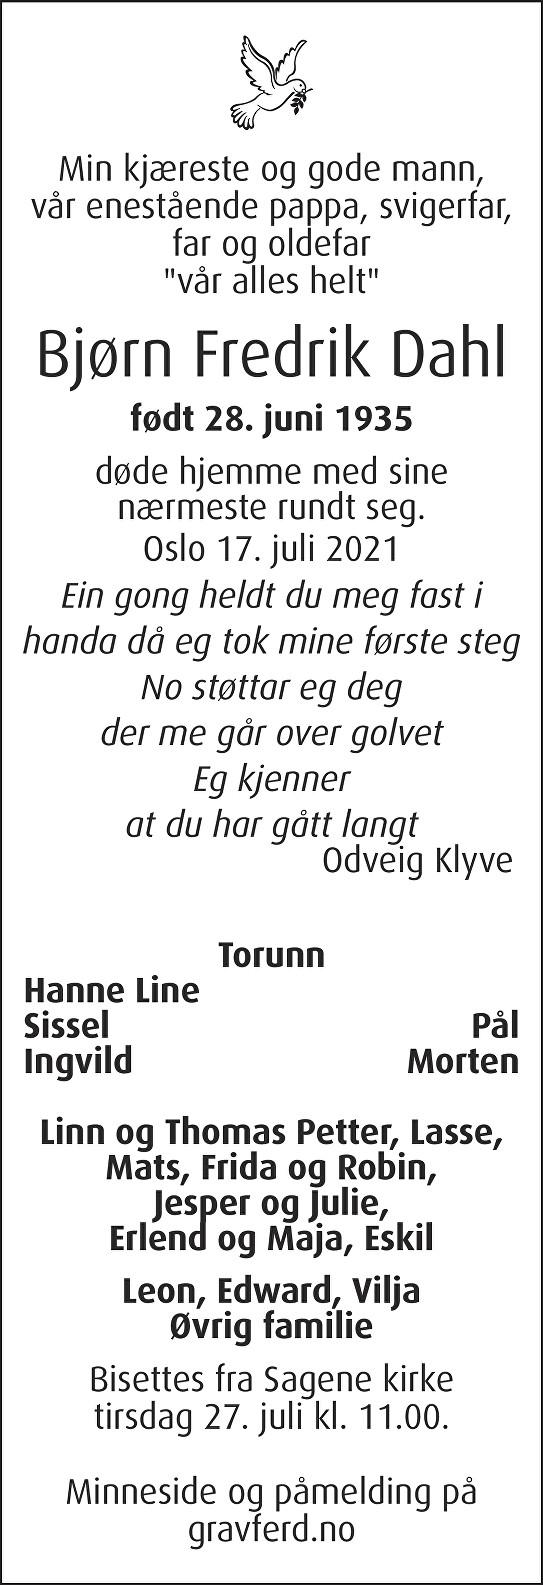 Bjørn Fredrik Dahl Dødsannonse